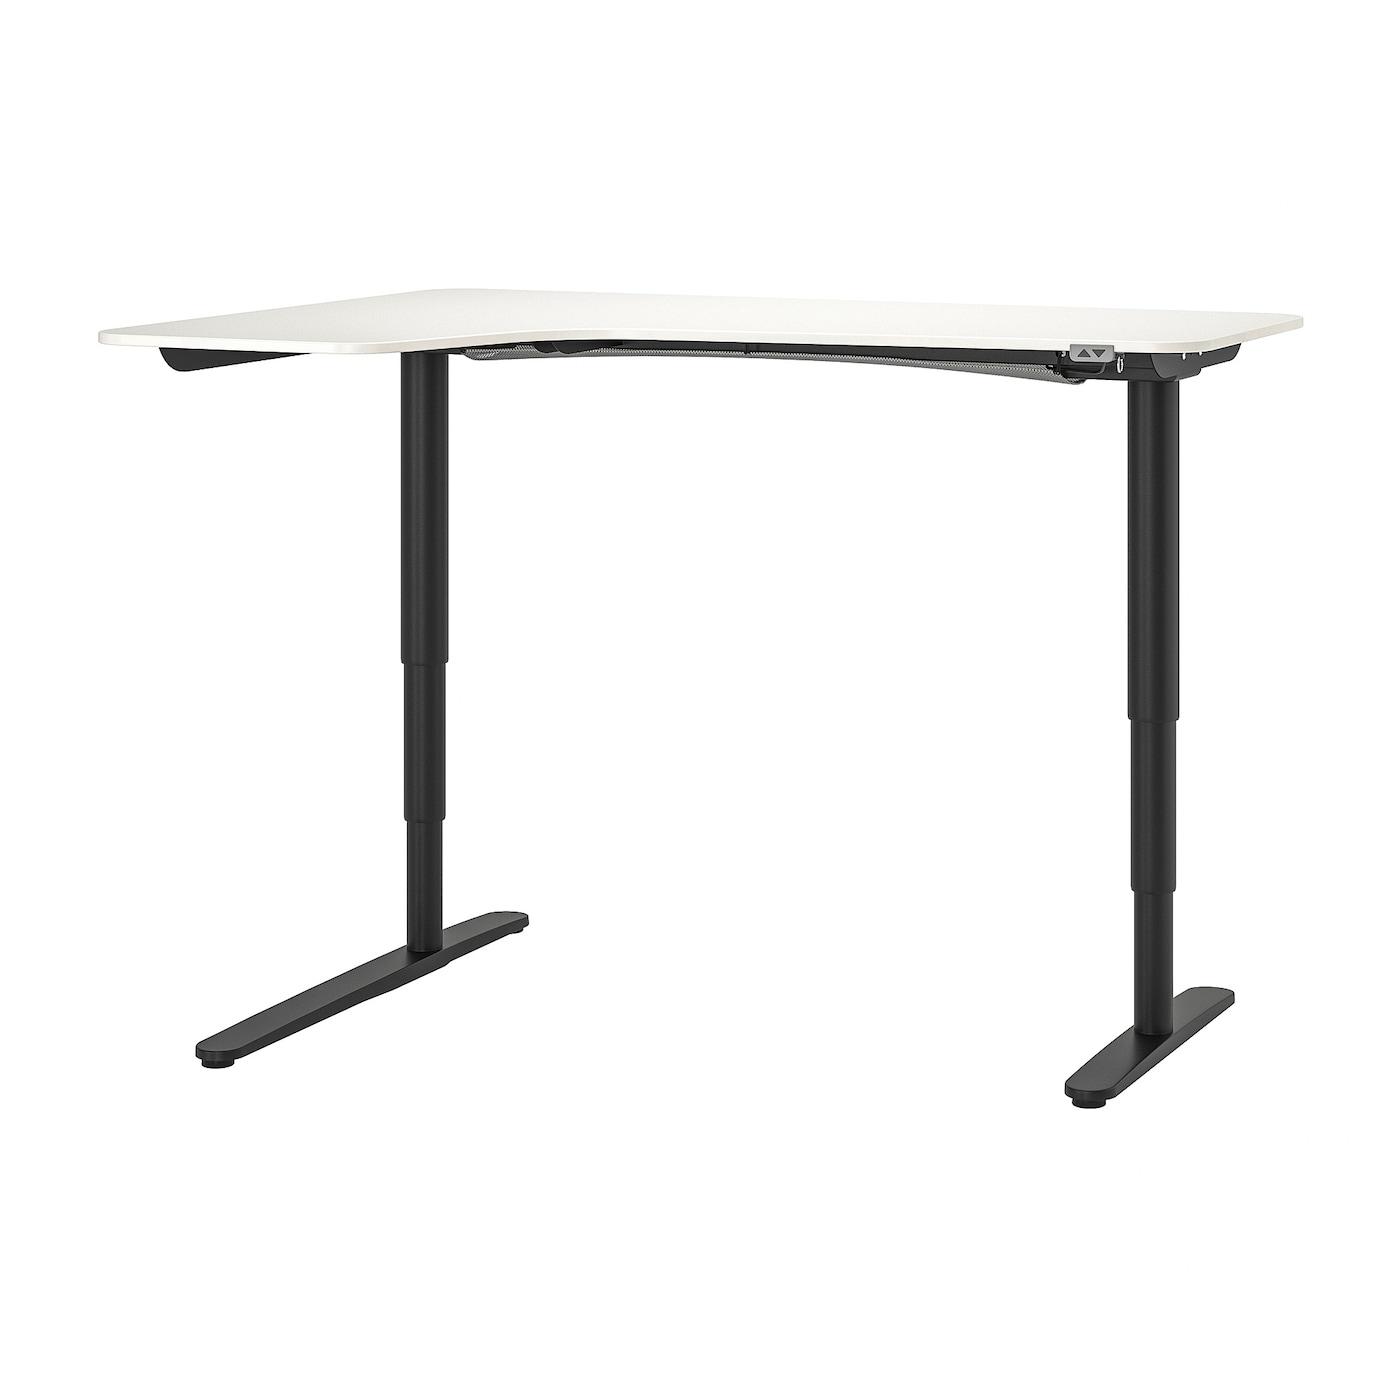 IKEA BEKANT biurko narożne lewe z białym blatem i czarnymi nogami, sit/stand, 160x110 cm